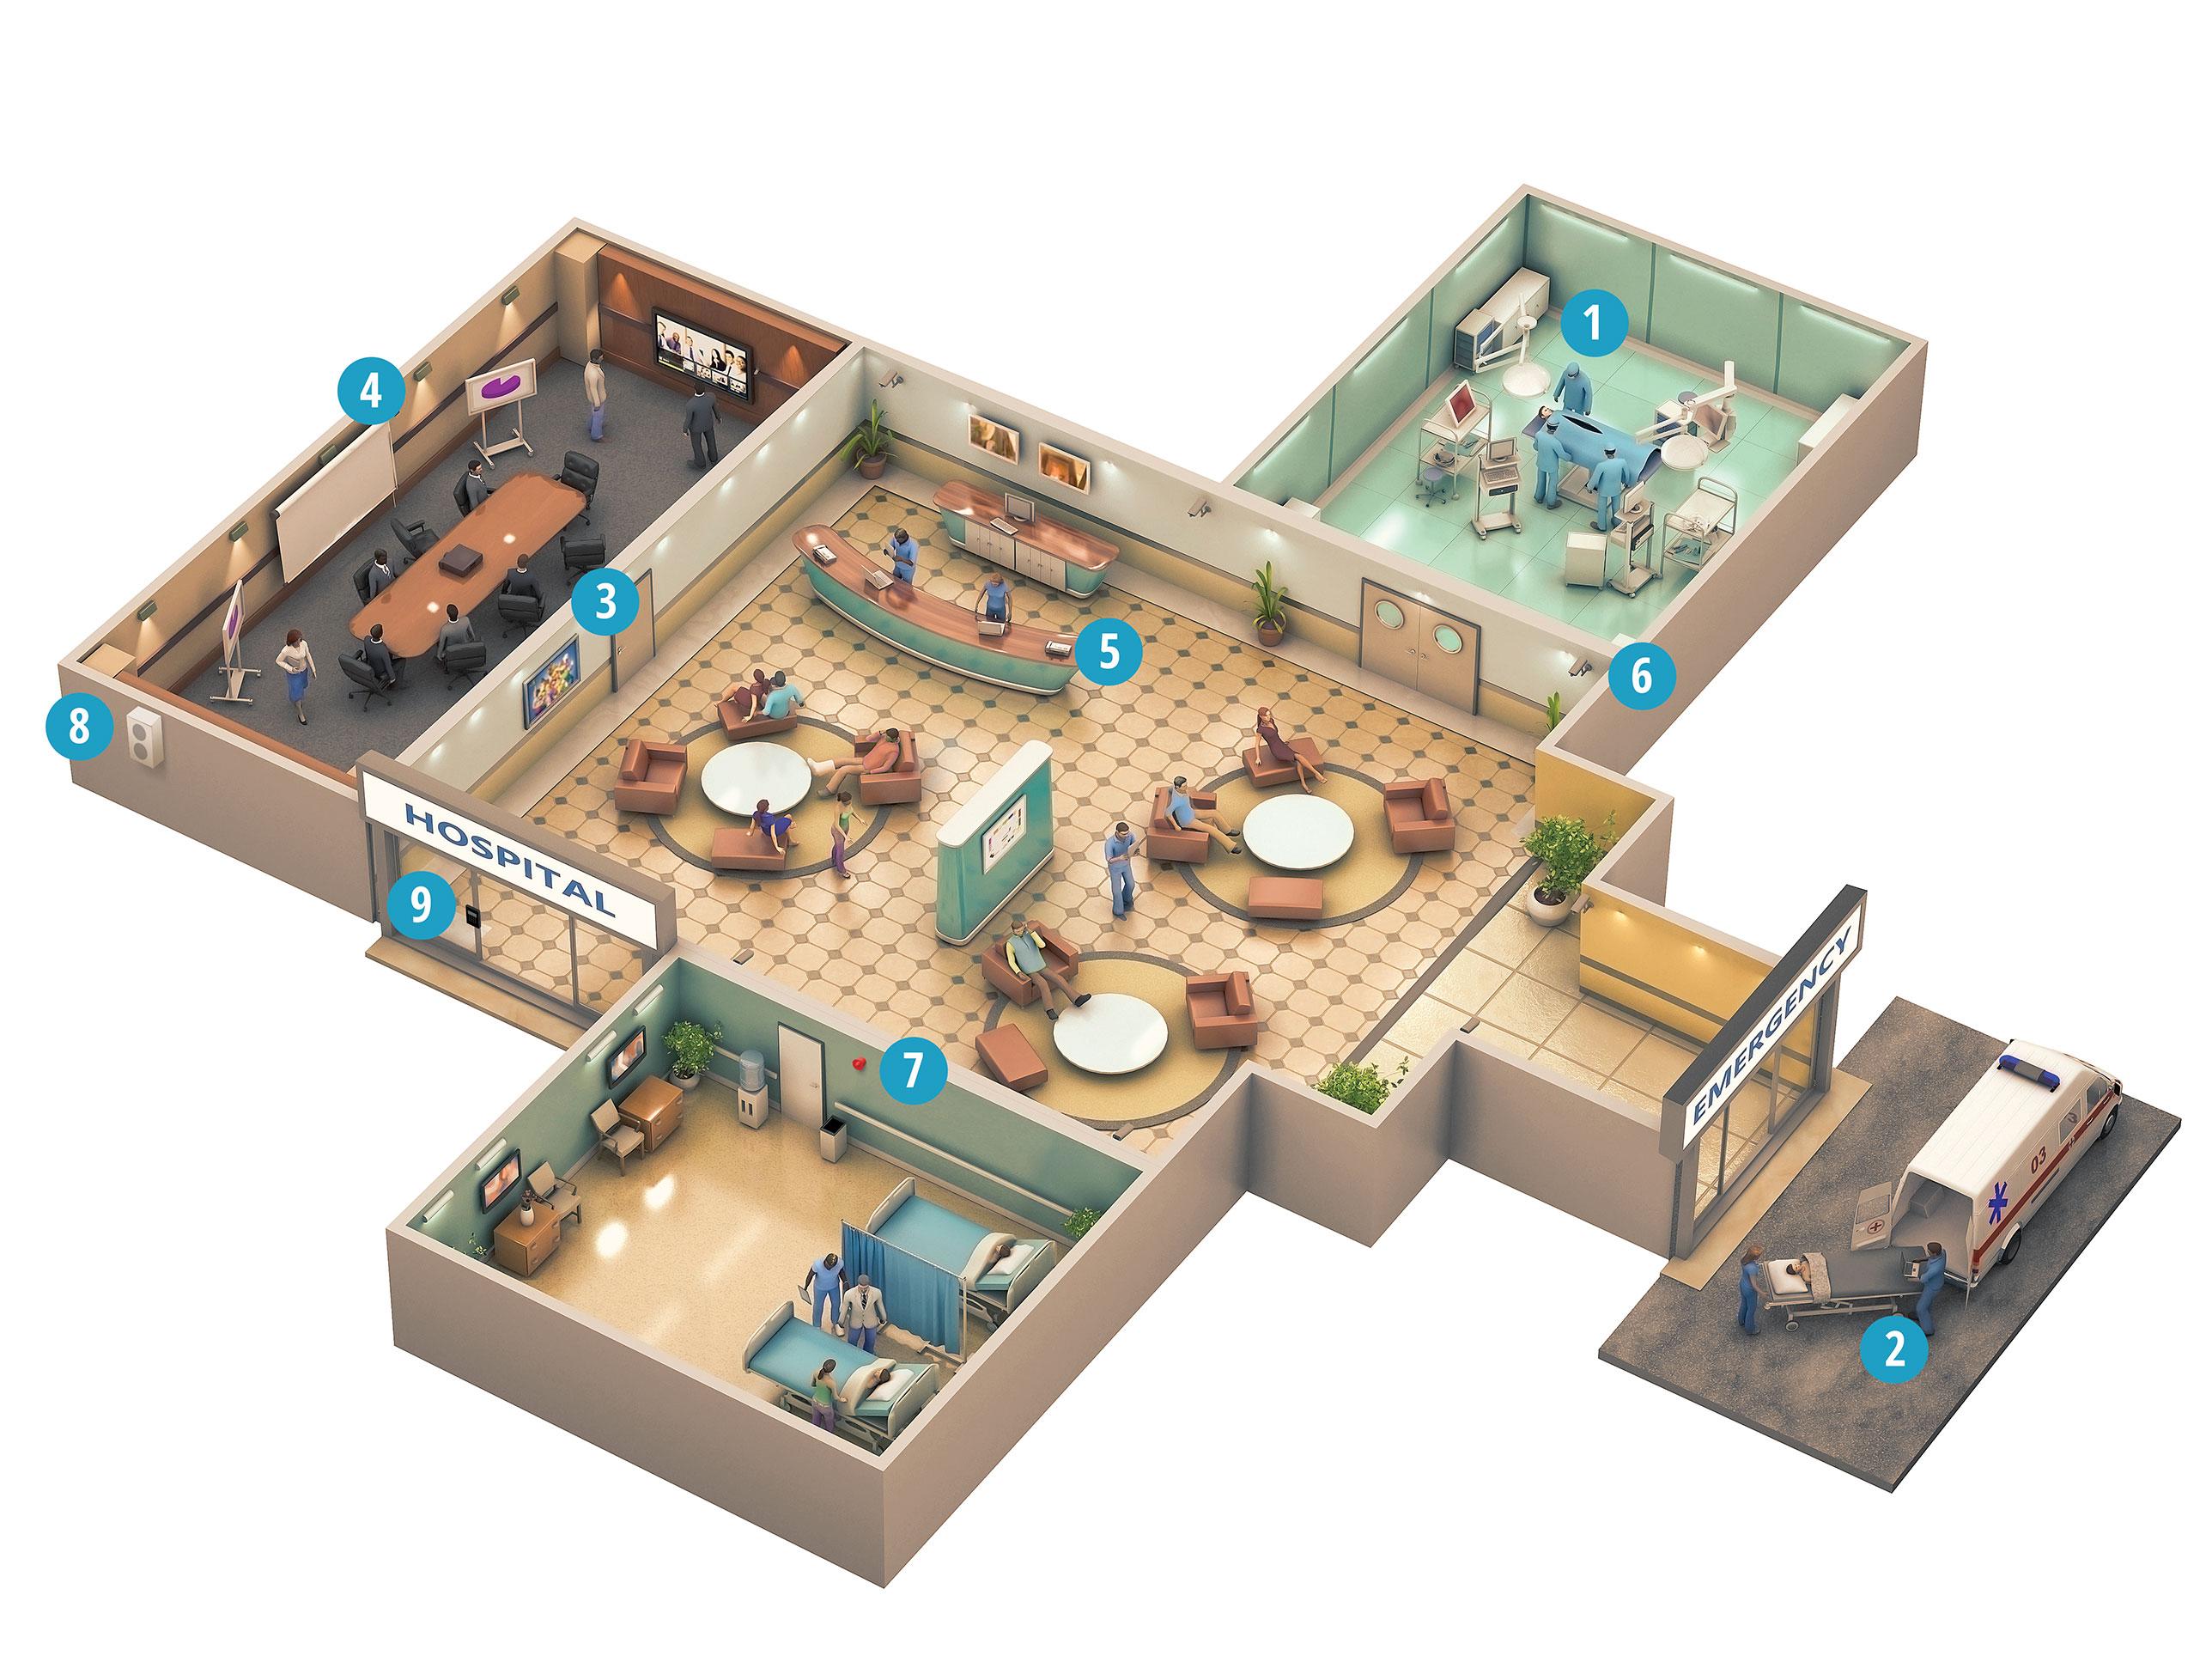 Comment les solutions de Panasonic aident-elles les hôpitaux?